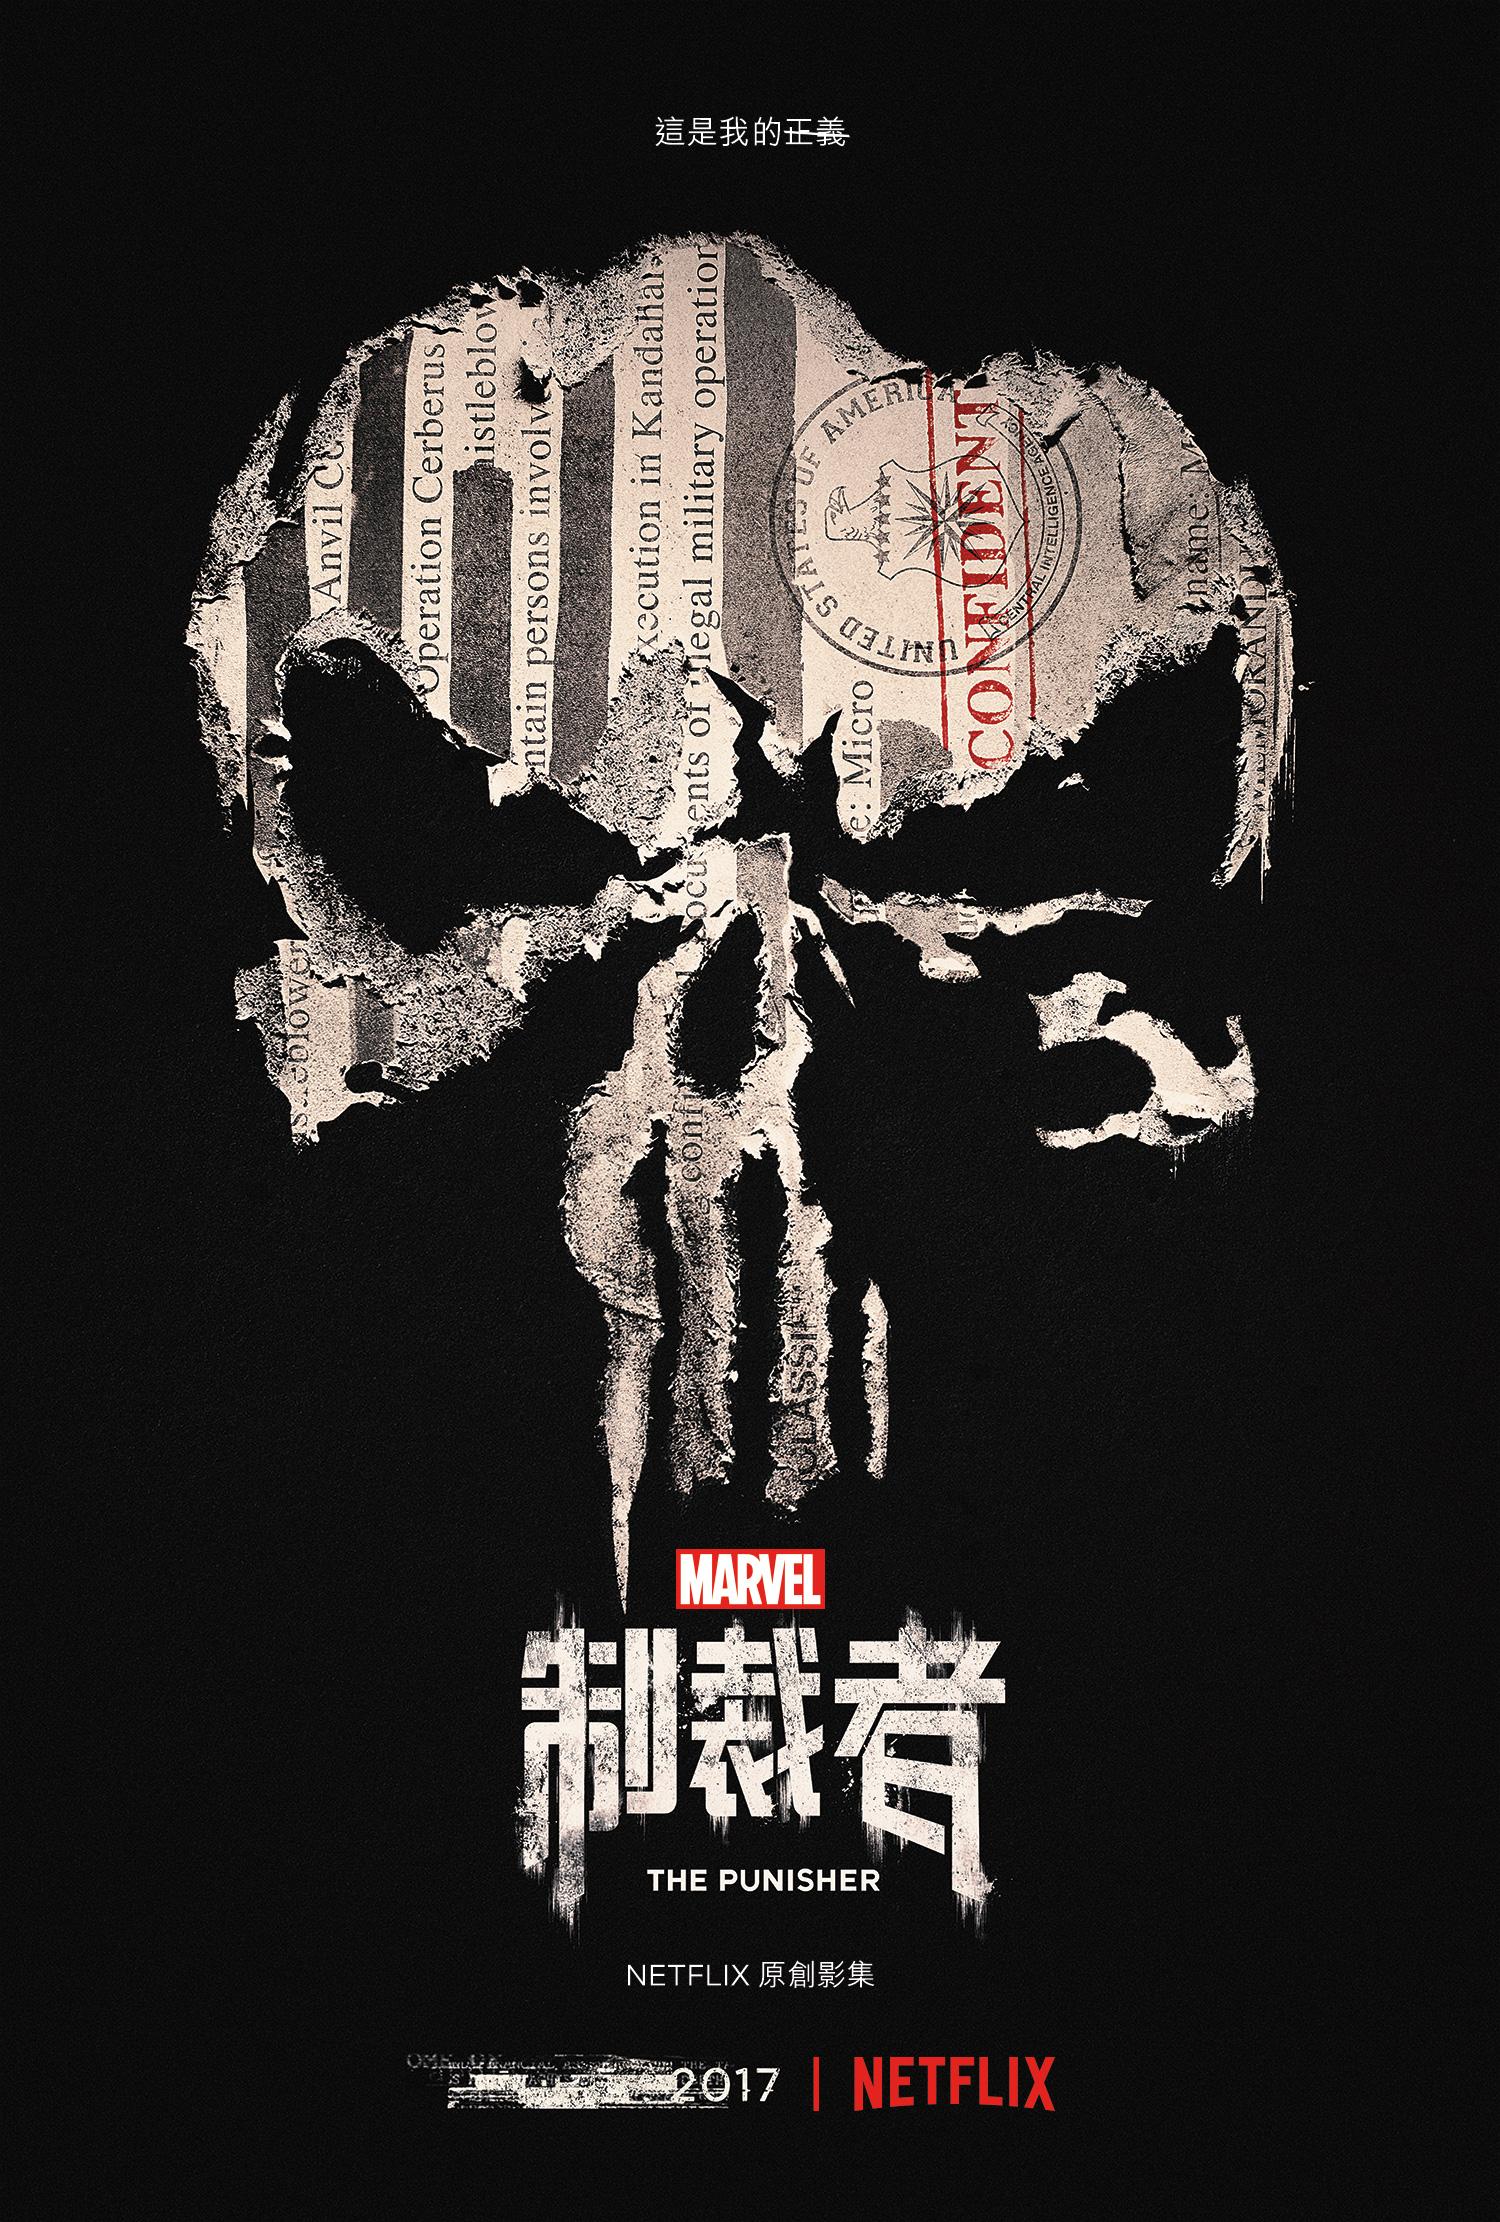 20170913_ThePunisher_Poster.jpg